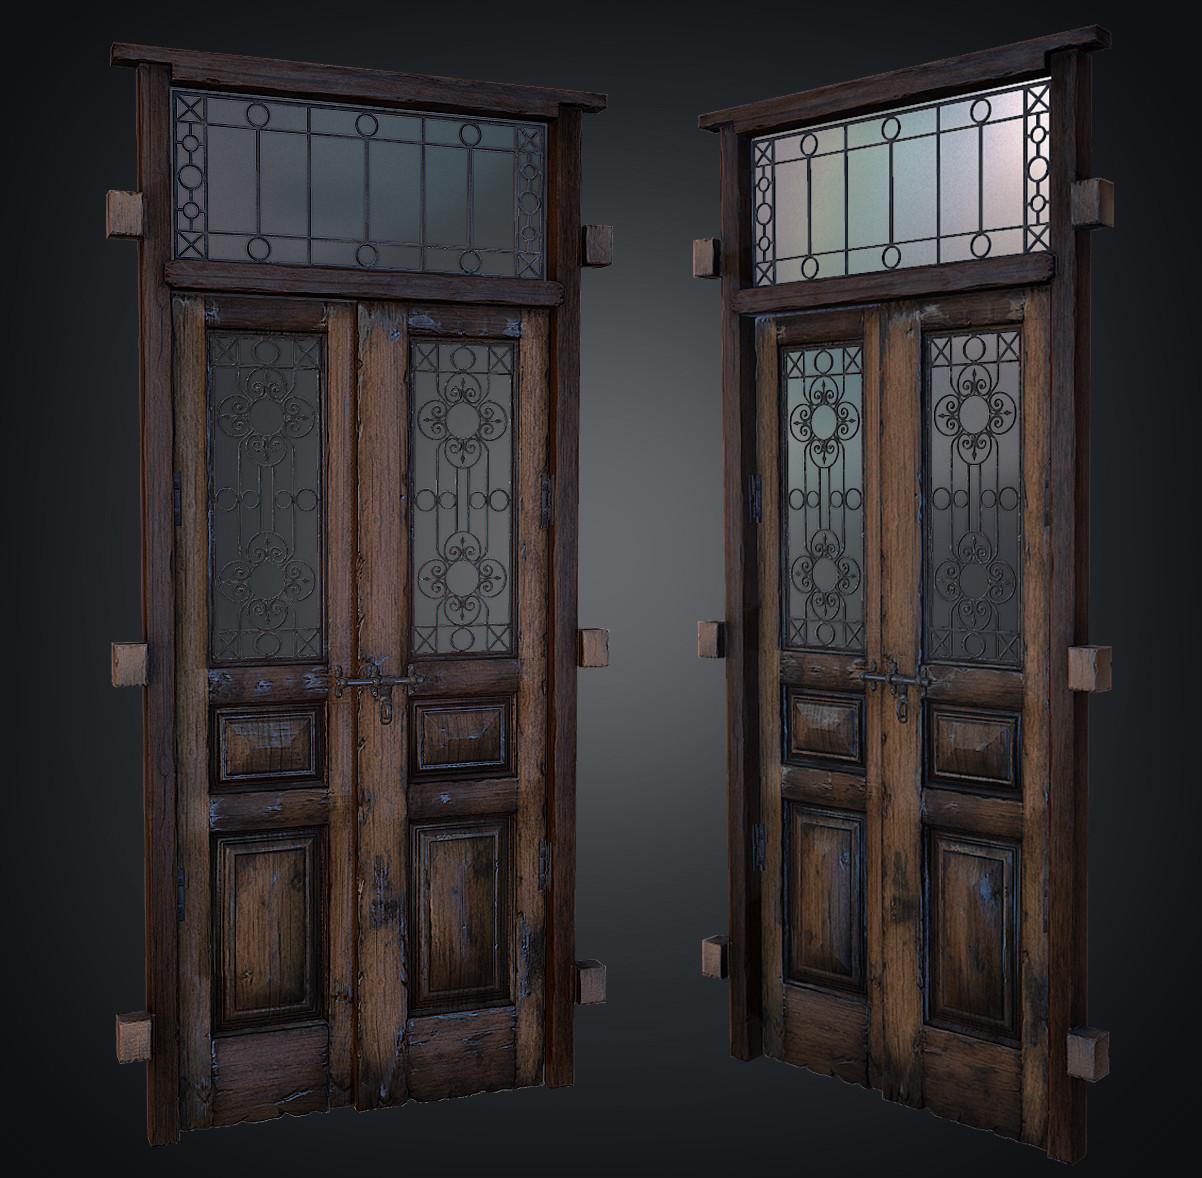 & ArtStation - Old damaged door Daniel Hull